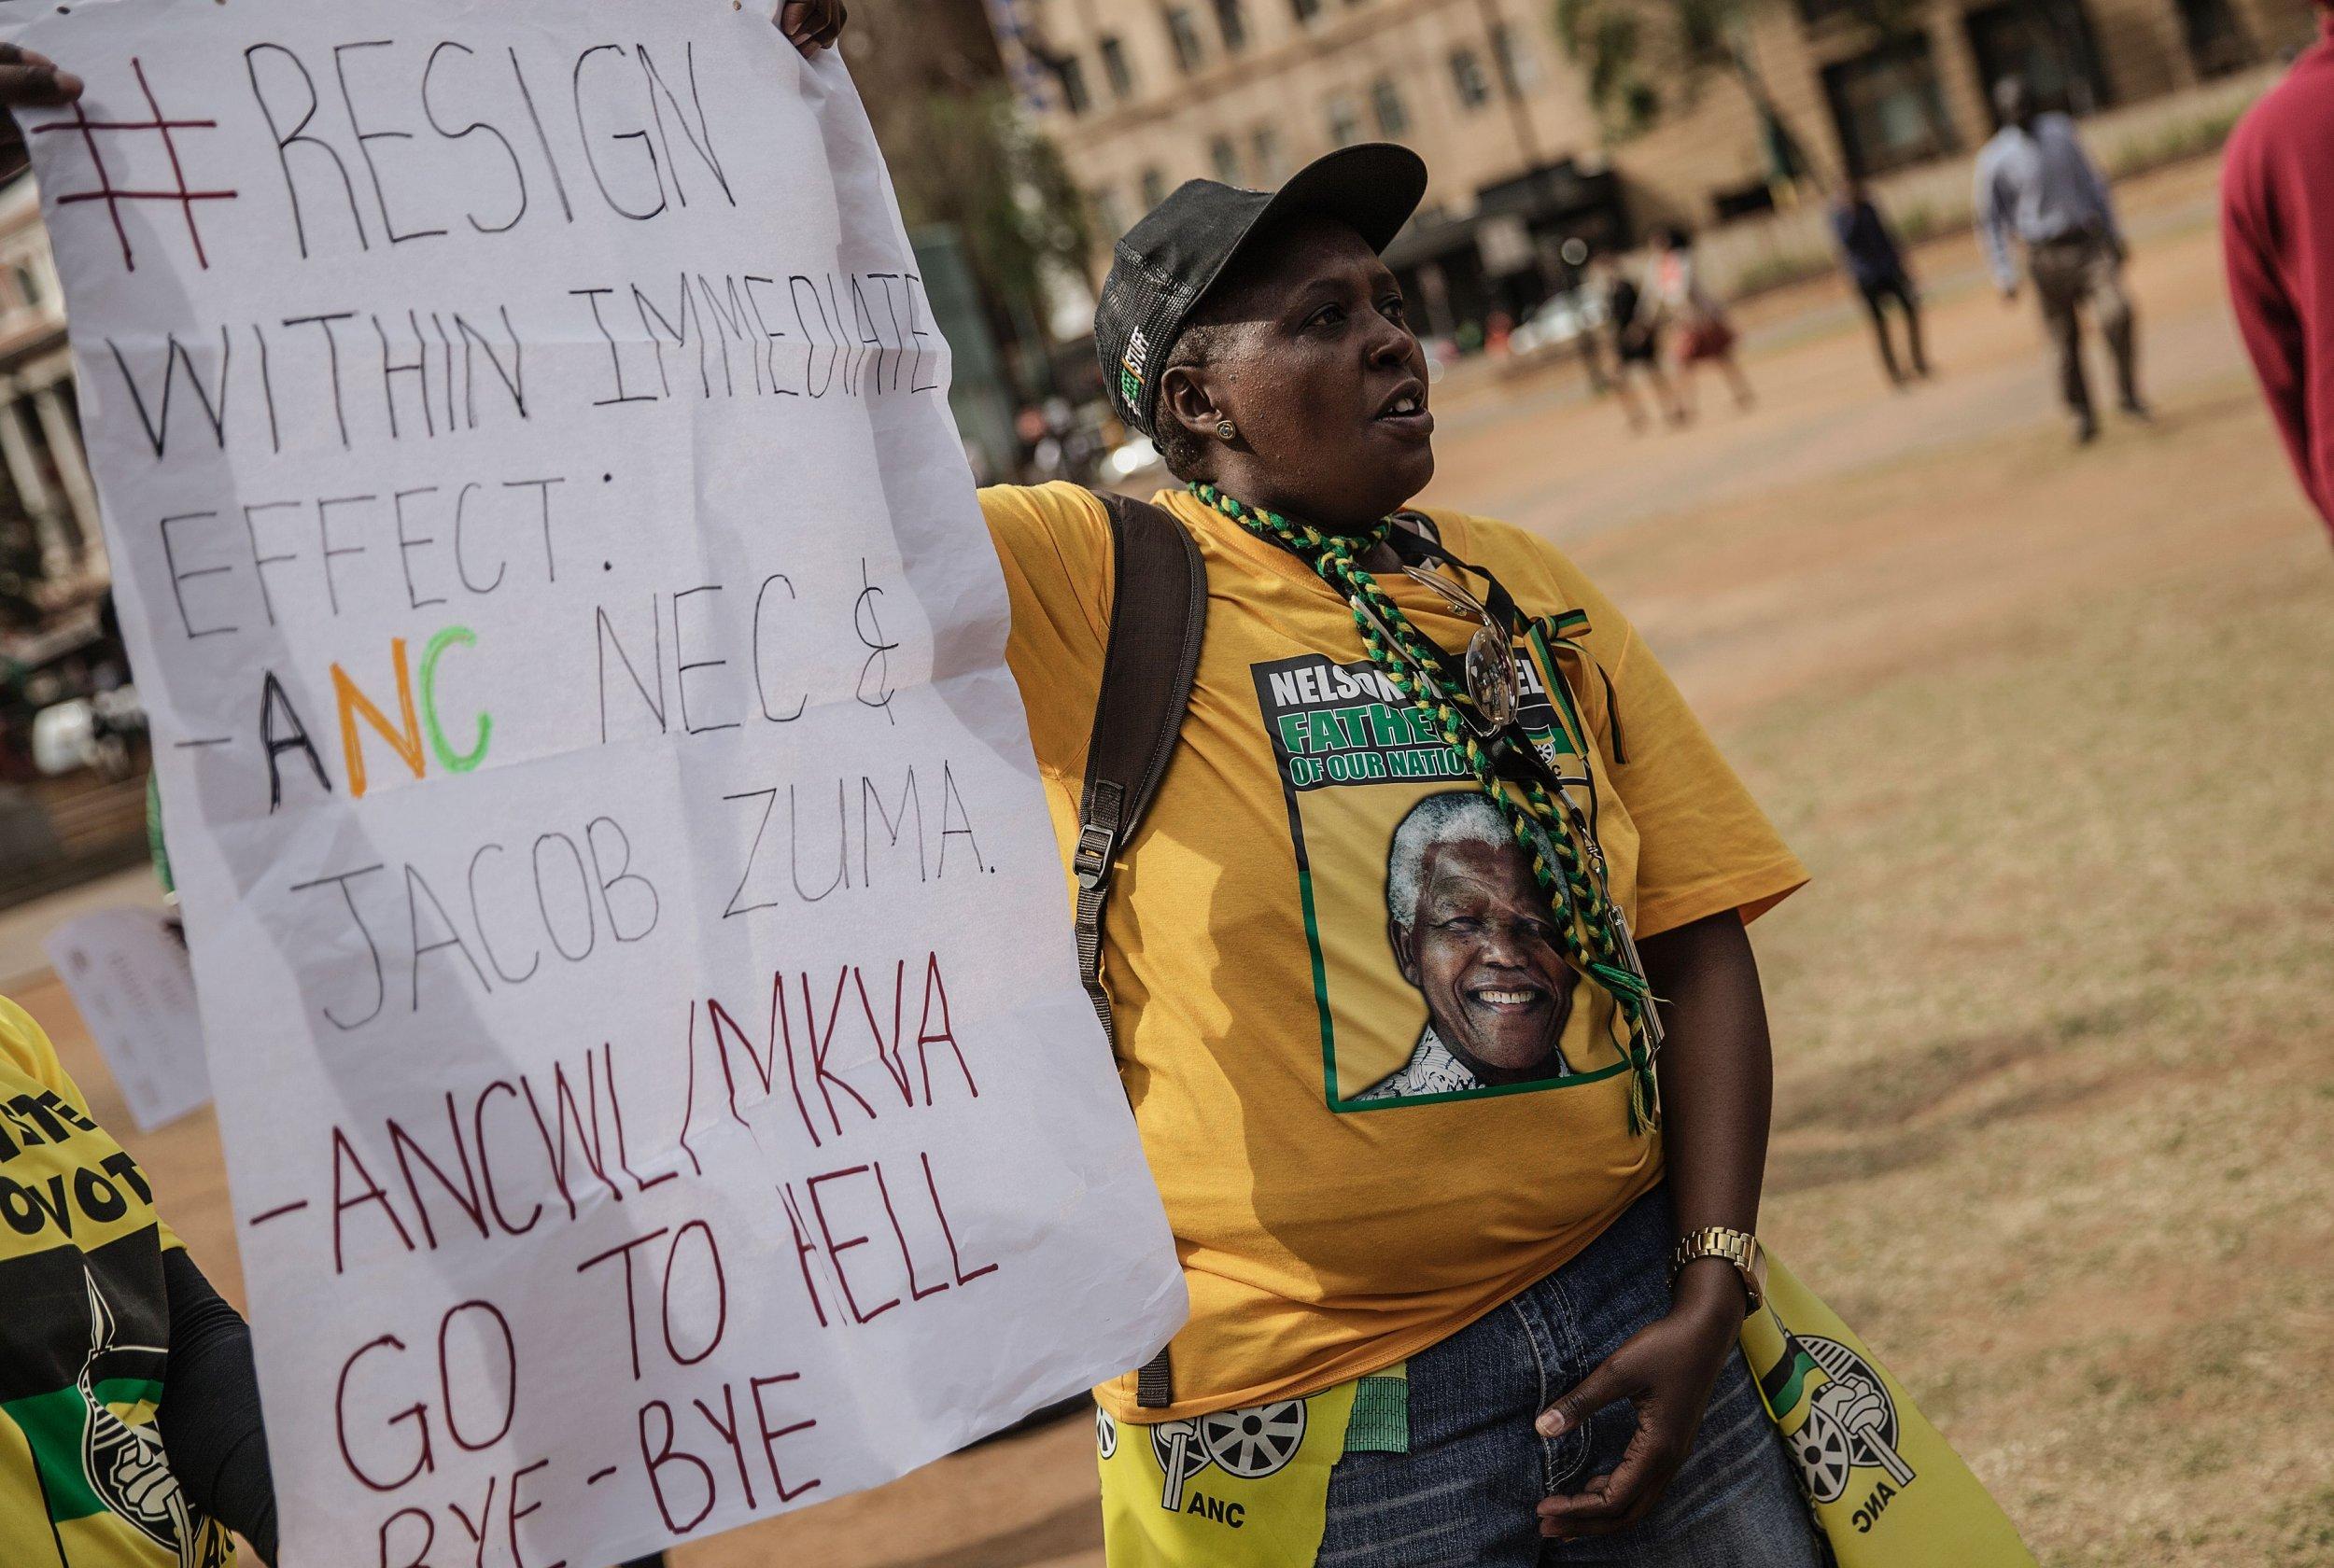 ANC protester